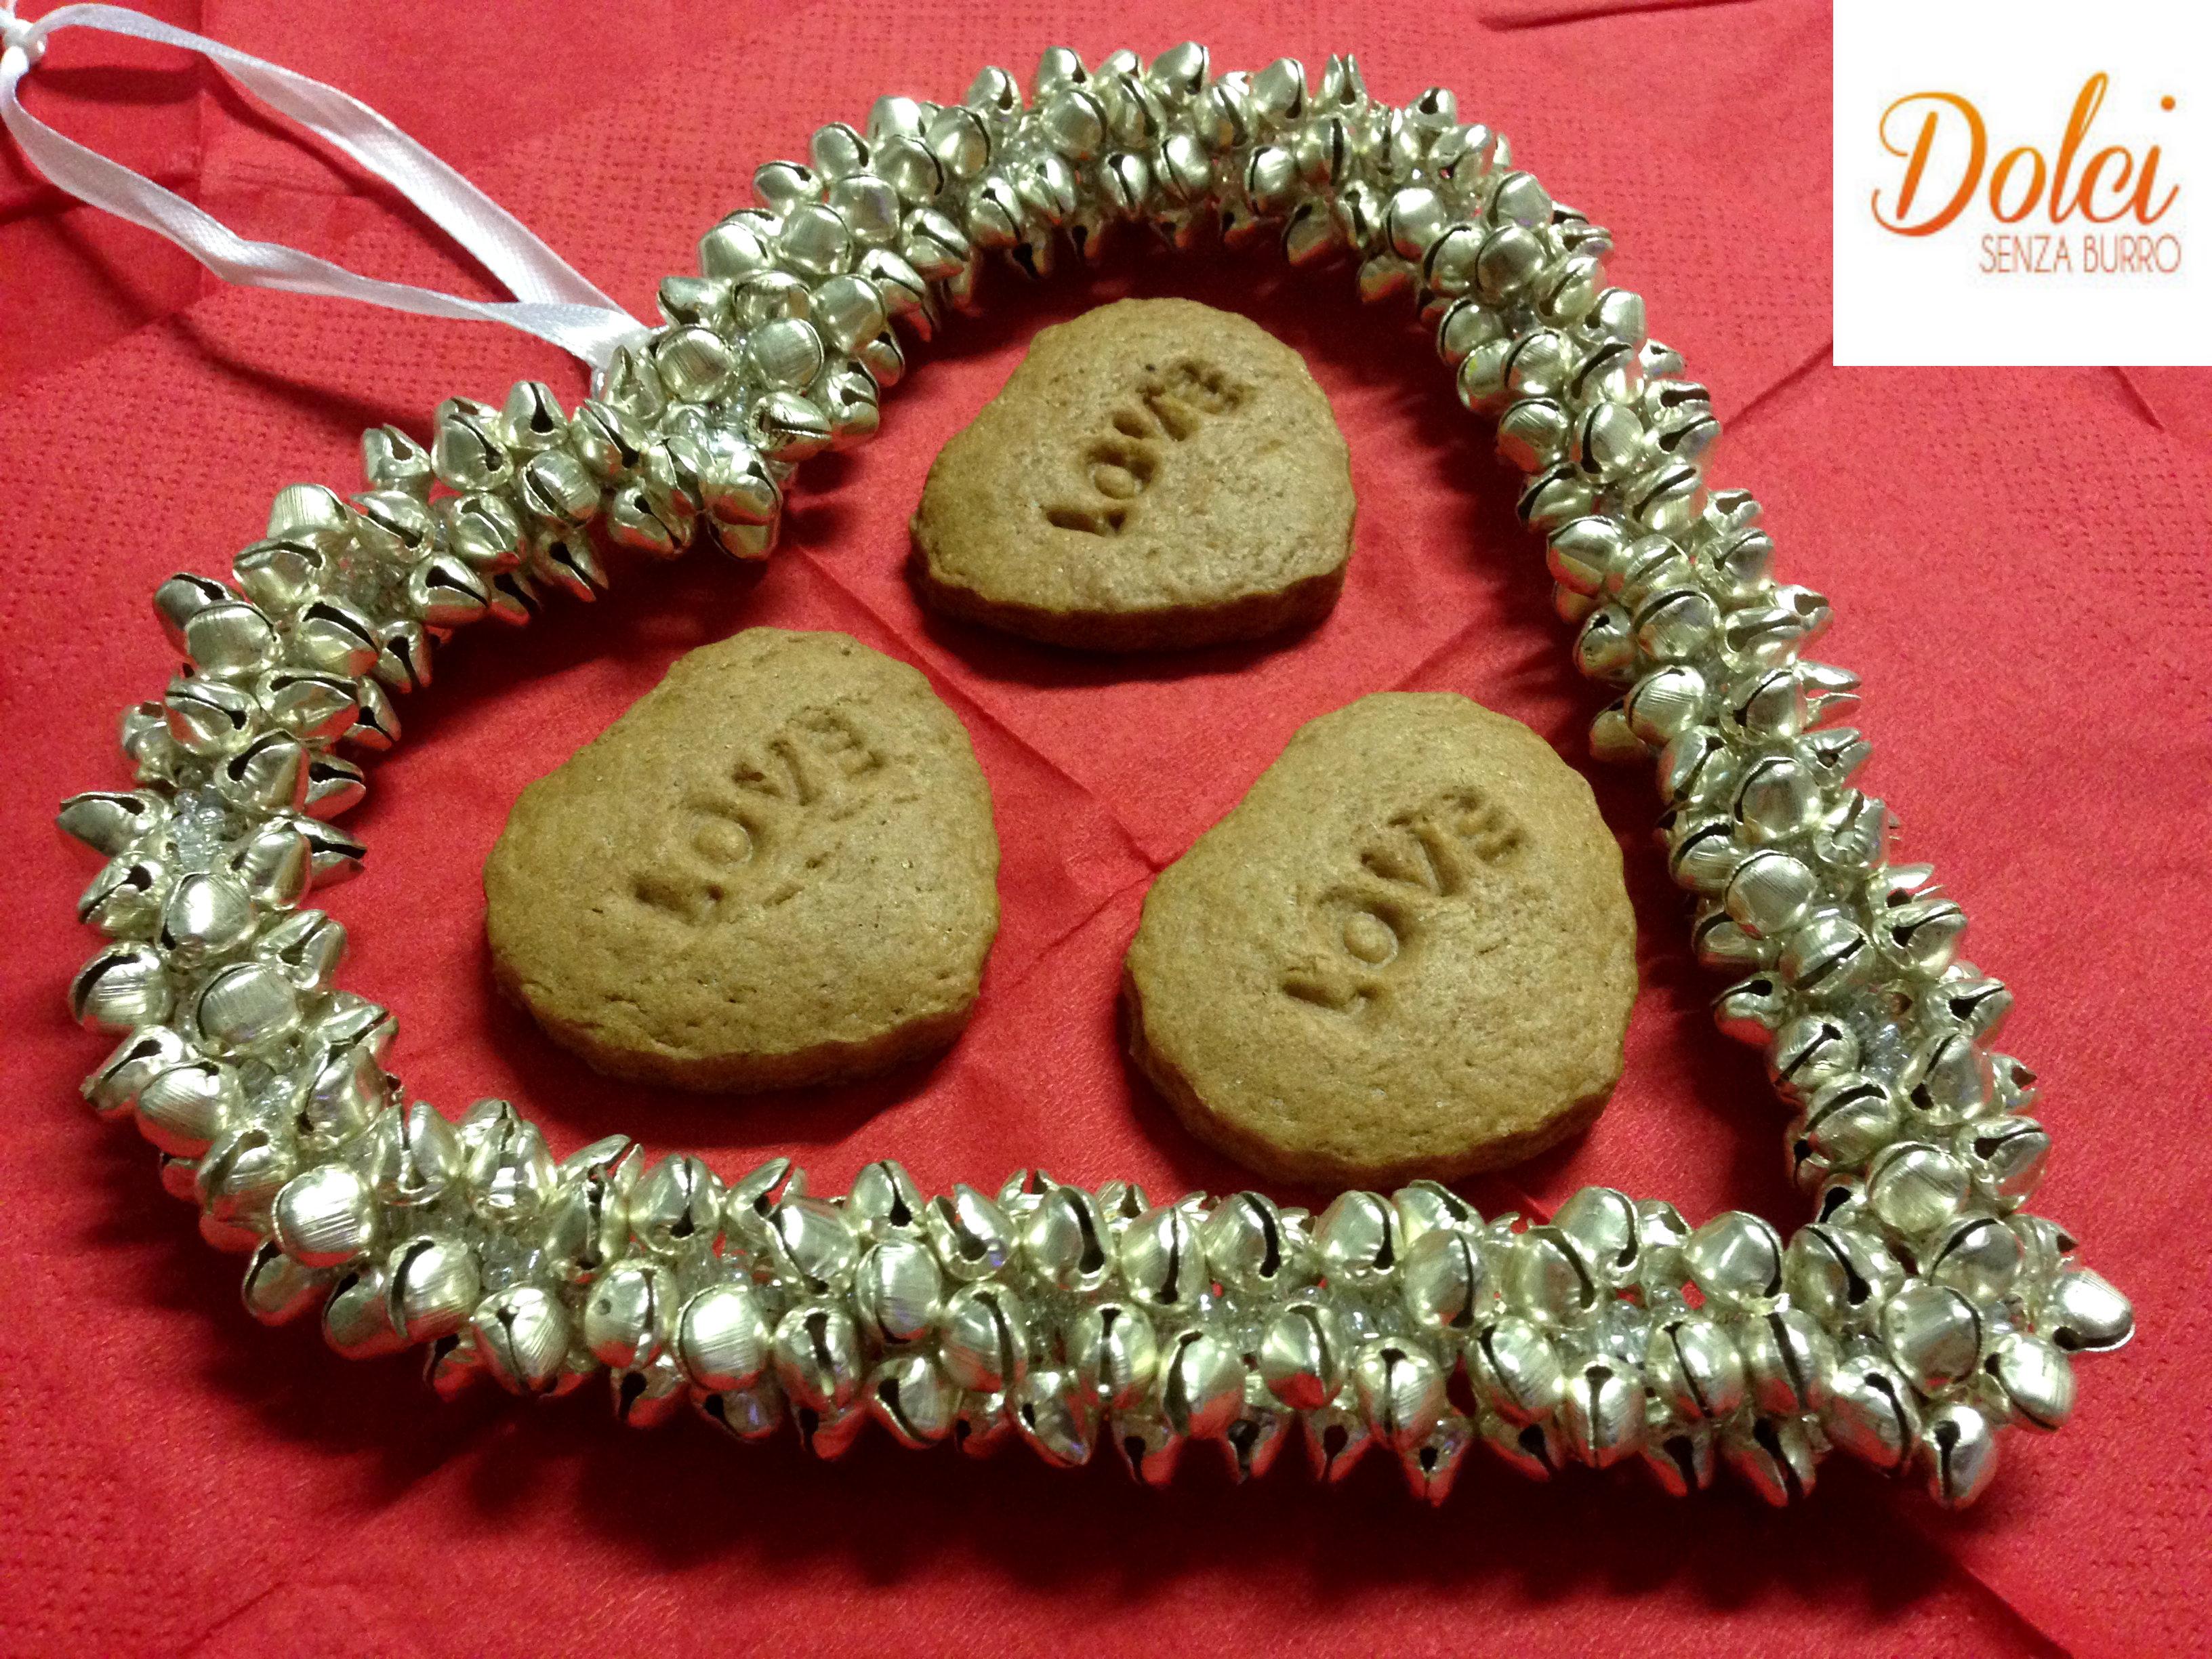 Biscotti al Cioccolato Senza Burro, i dolci light di Dolci Senza Burro